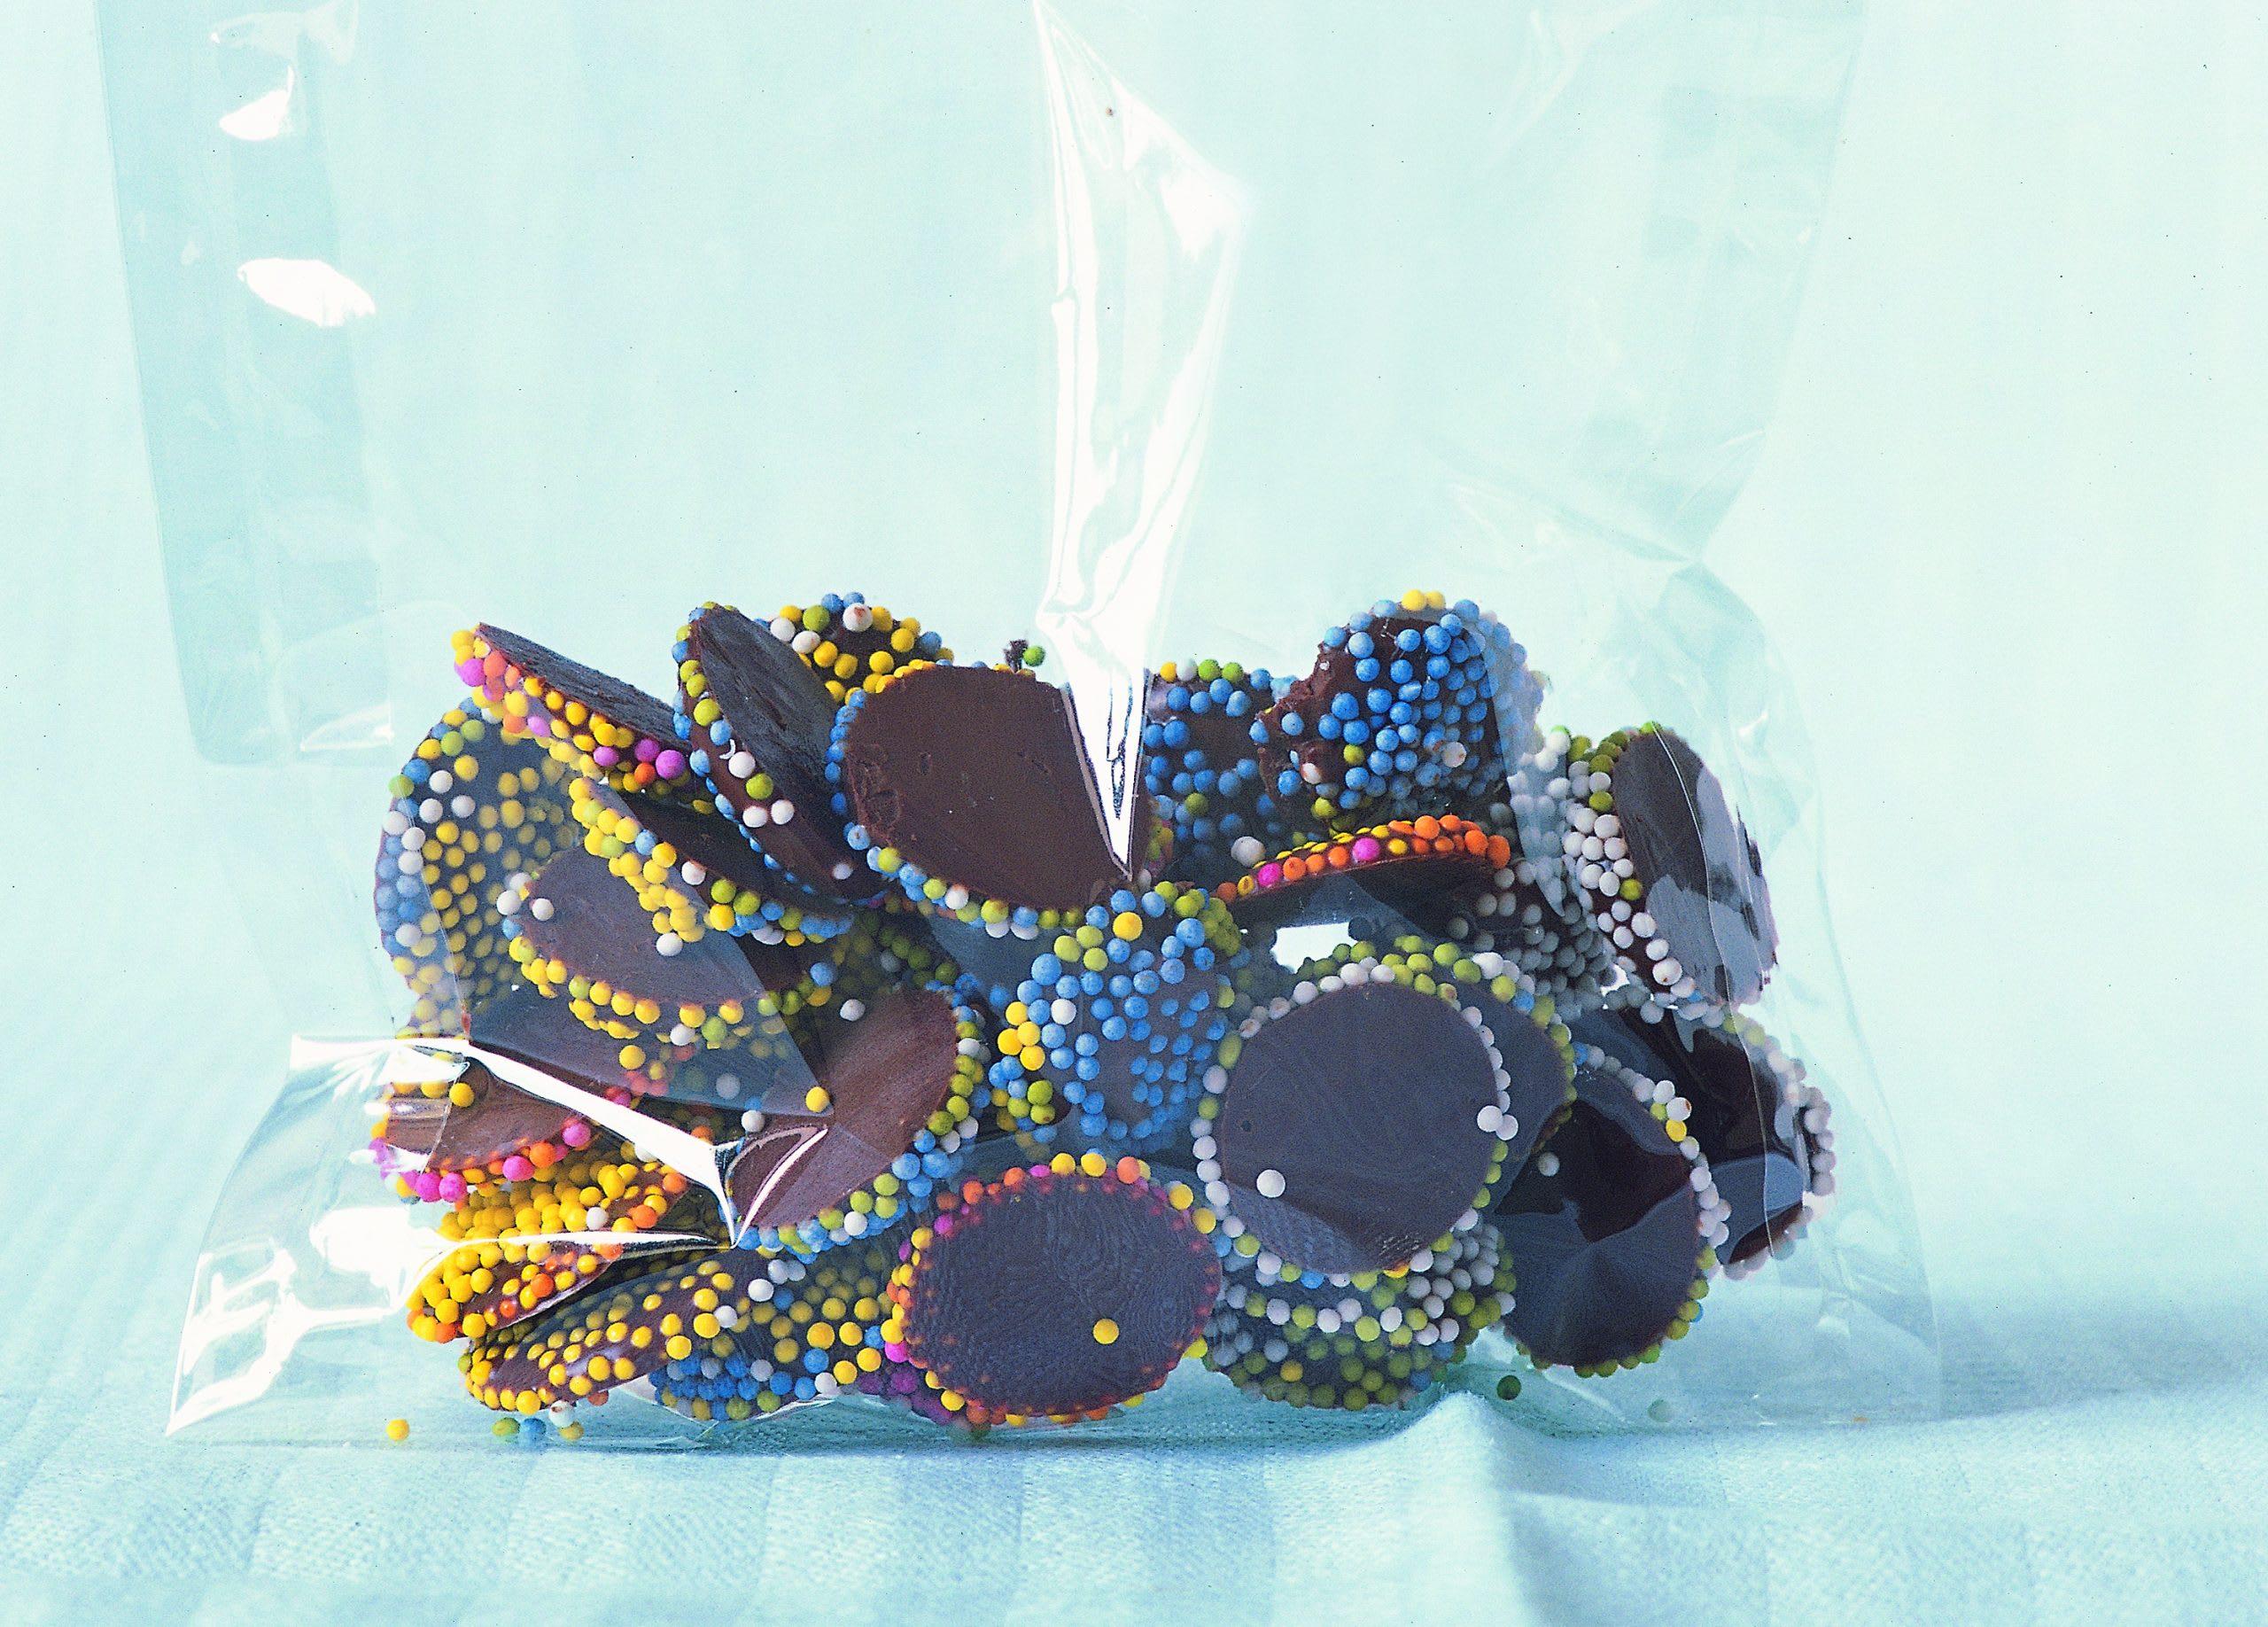 Petits chocolats aux nonpareilles